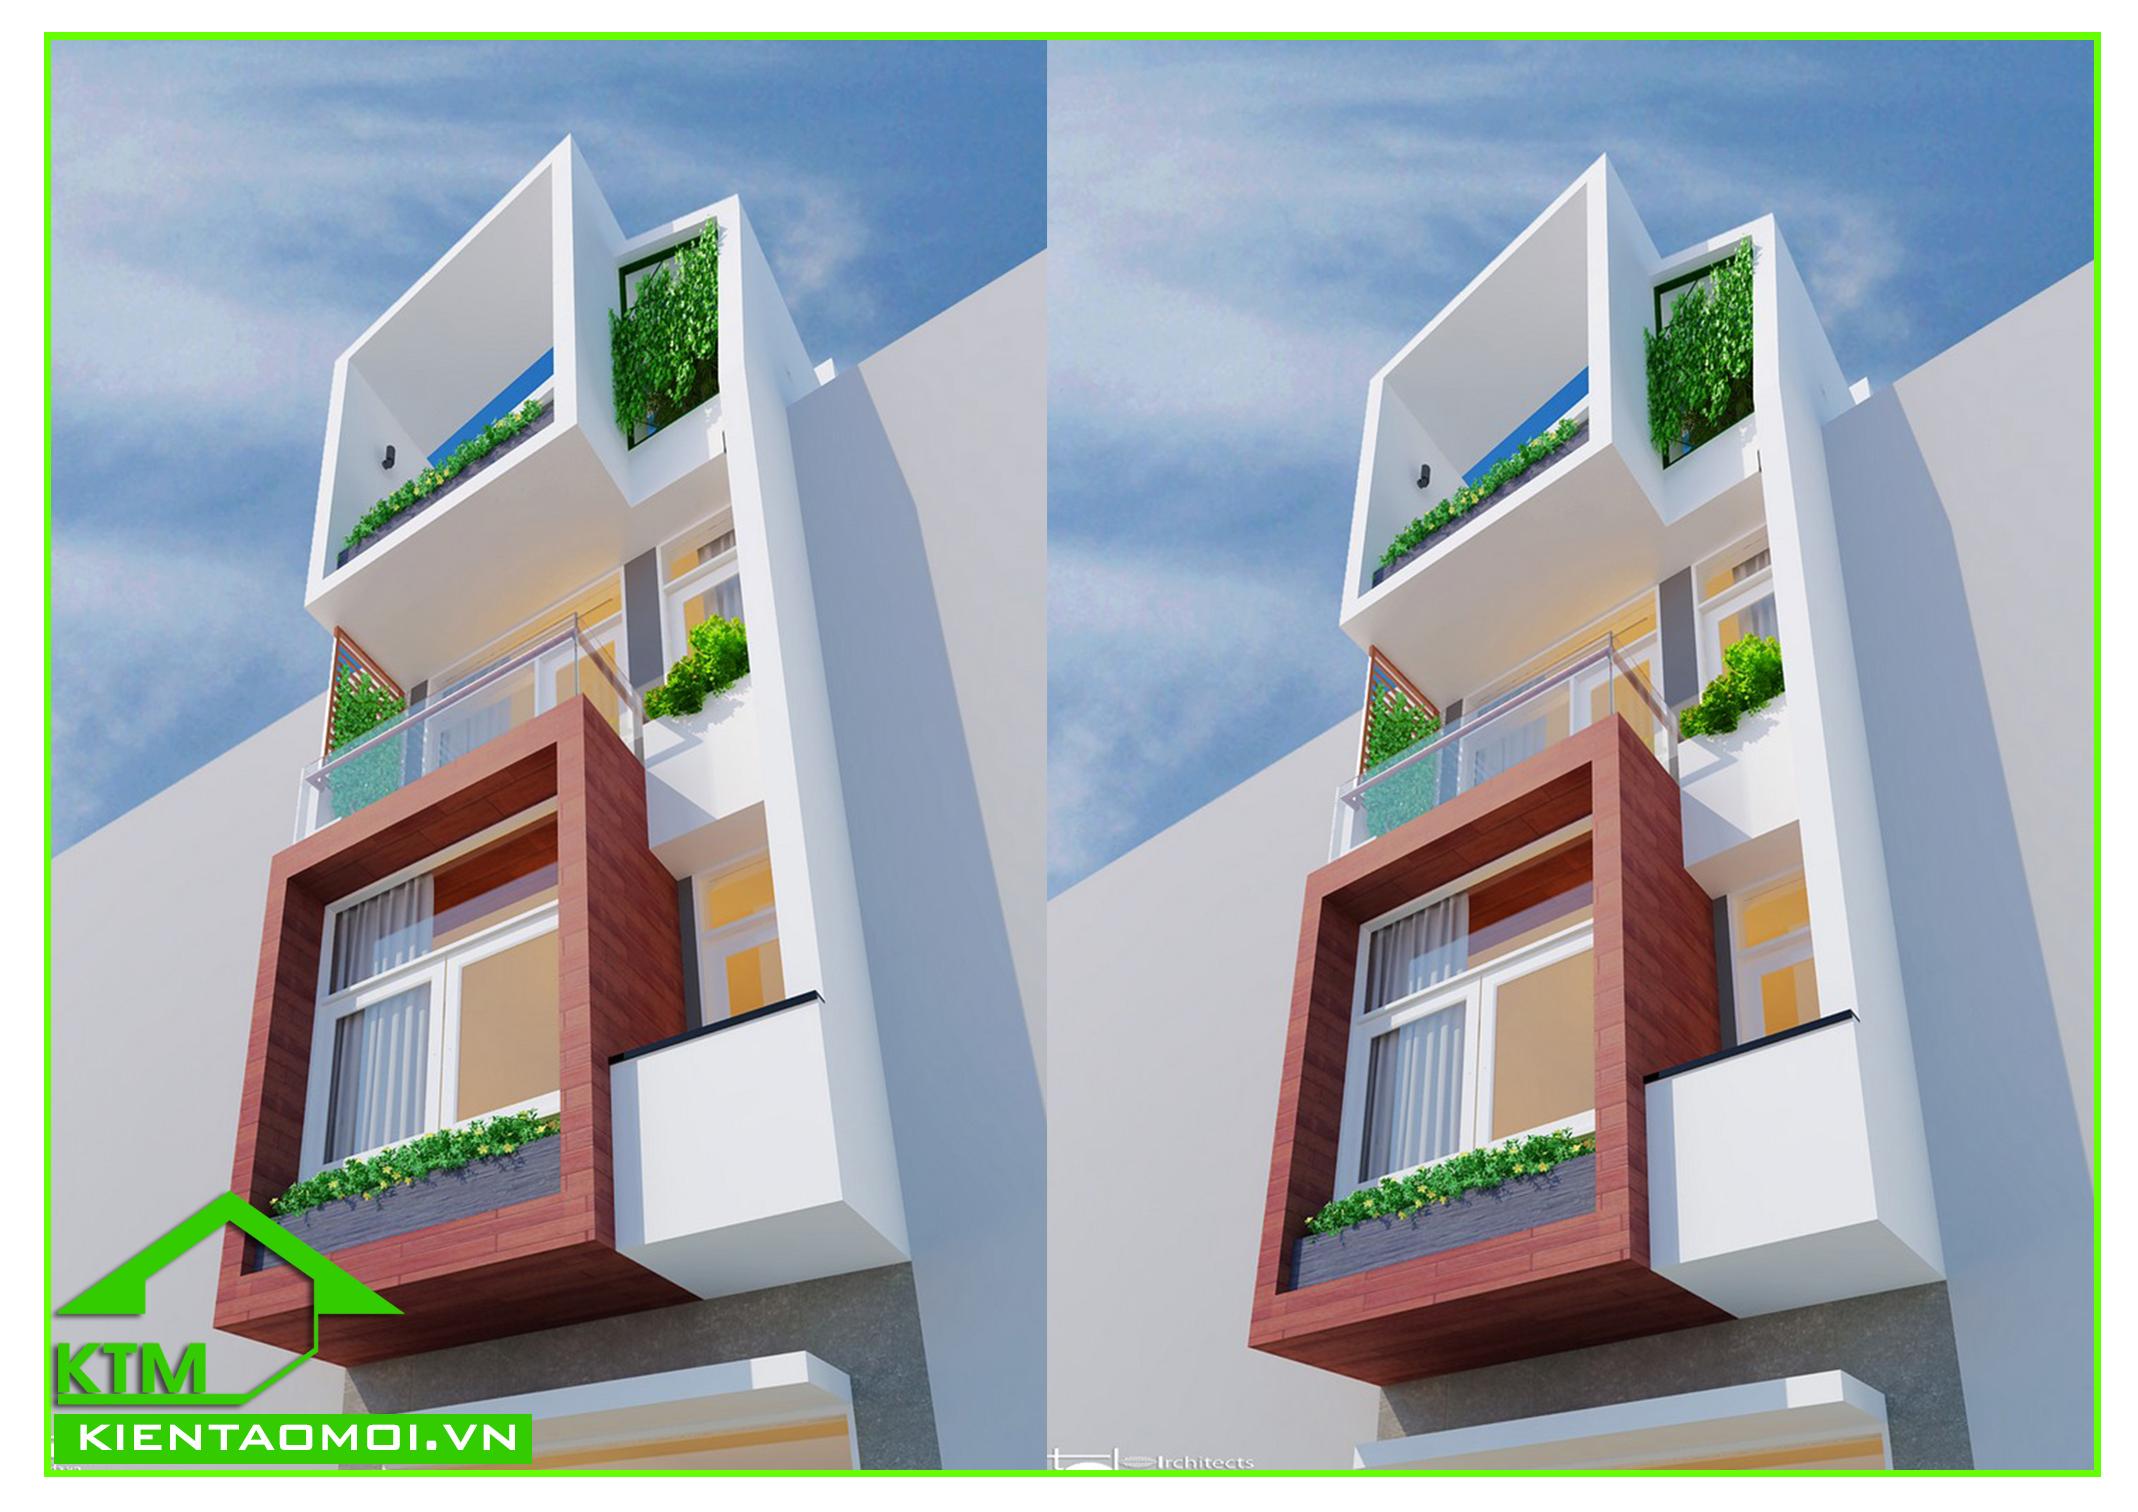 Thiết kế nội ngoại thất nhà phố hiện đại anh Trọng